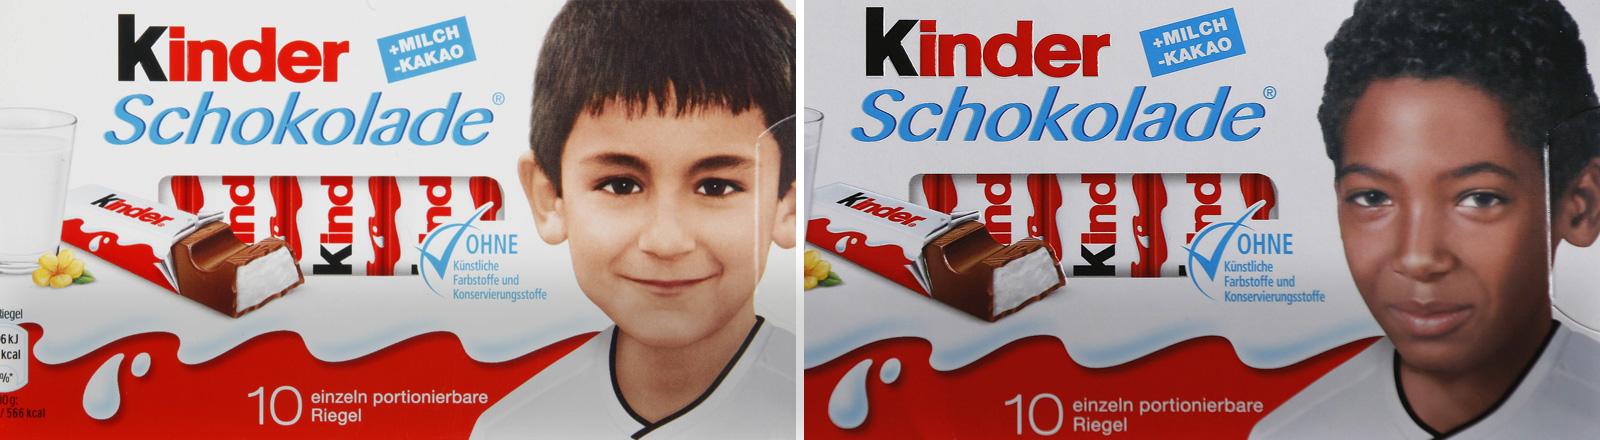 Kinderfotos von Ilkay Gündogan und Jérôme Boateng auf Kinderschokolade-Verpackungen.